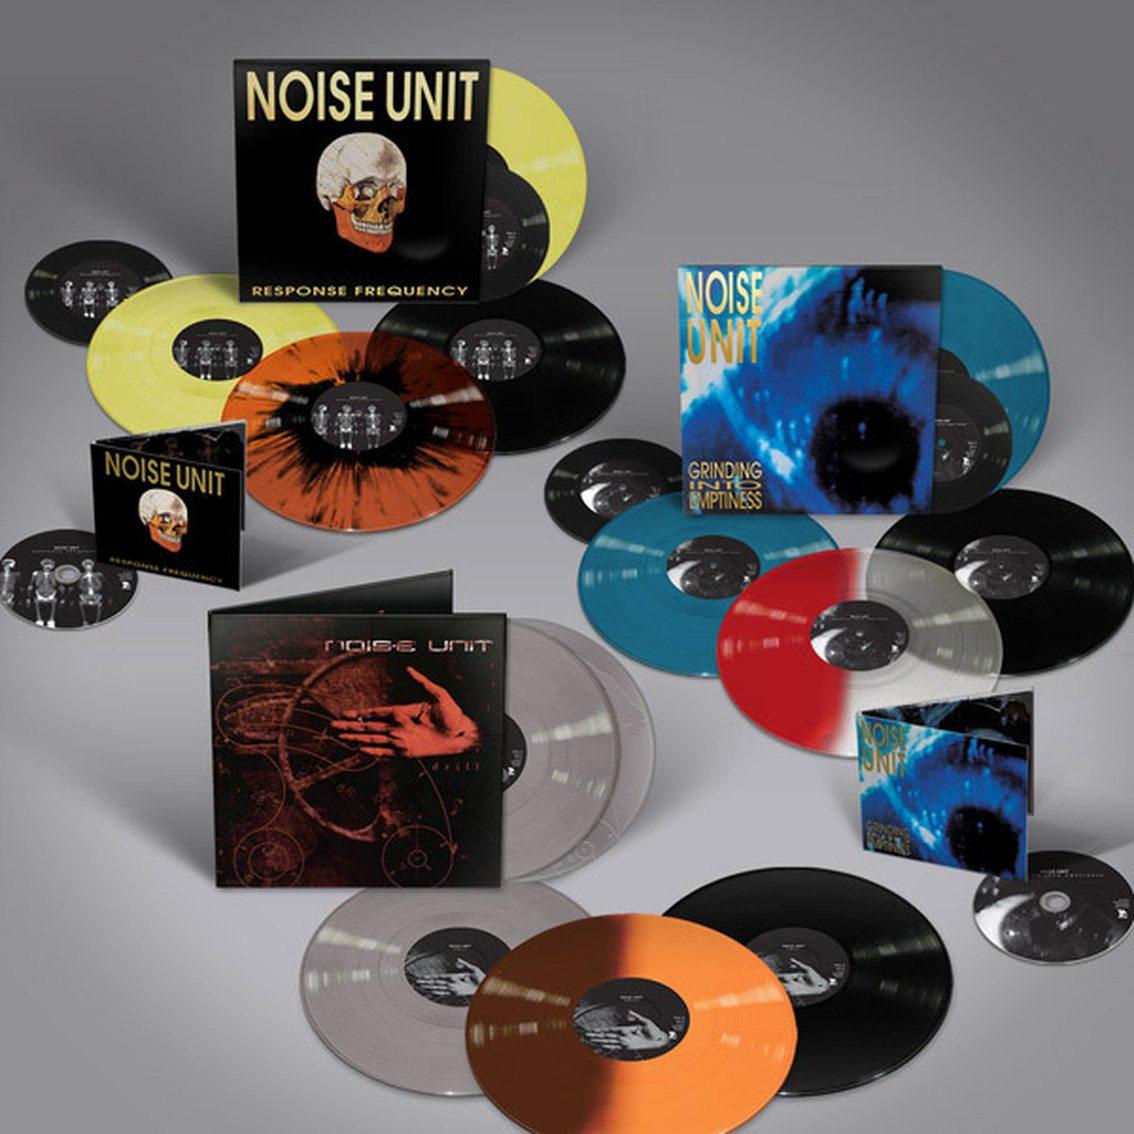 Noise Unit fanpack